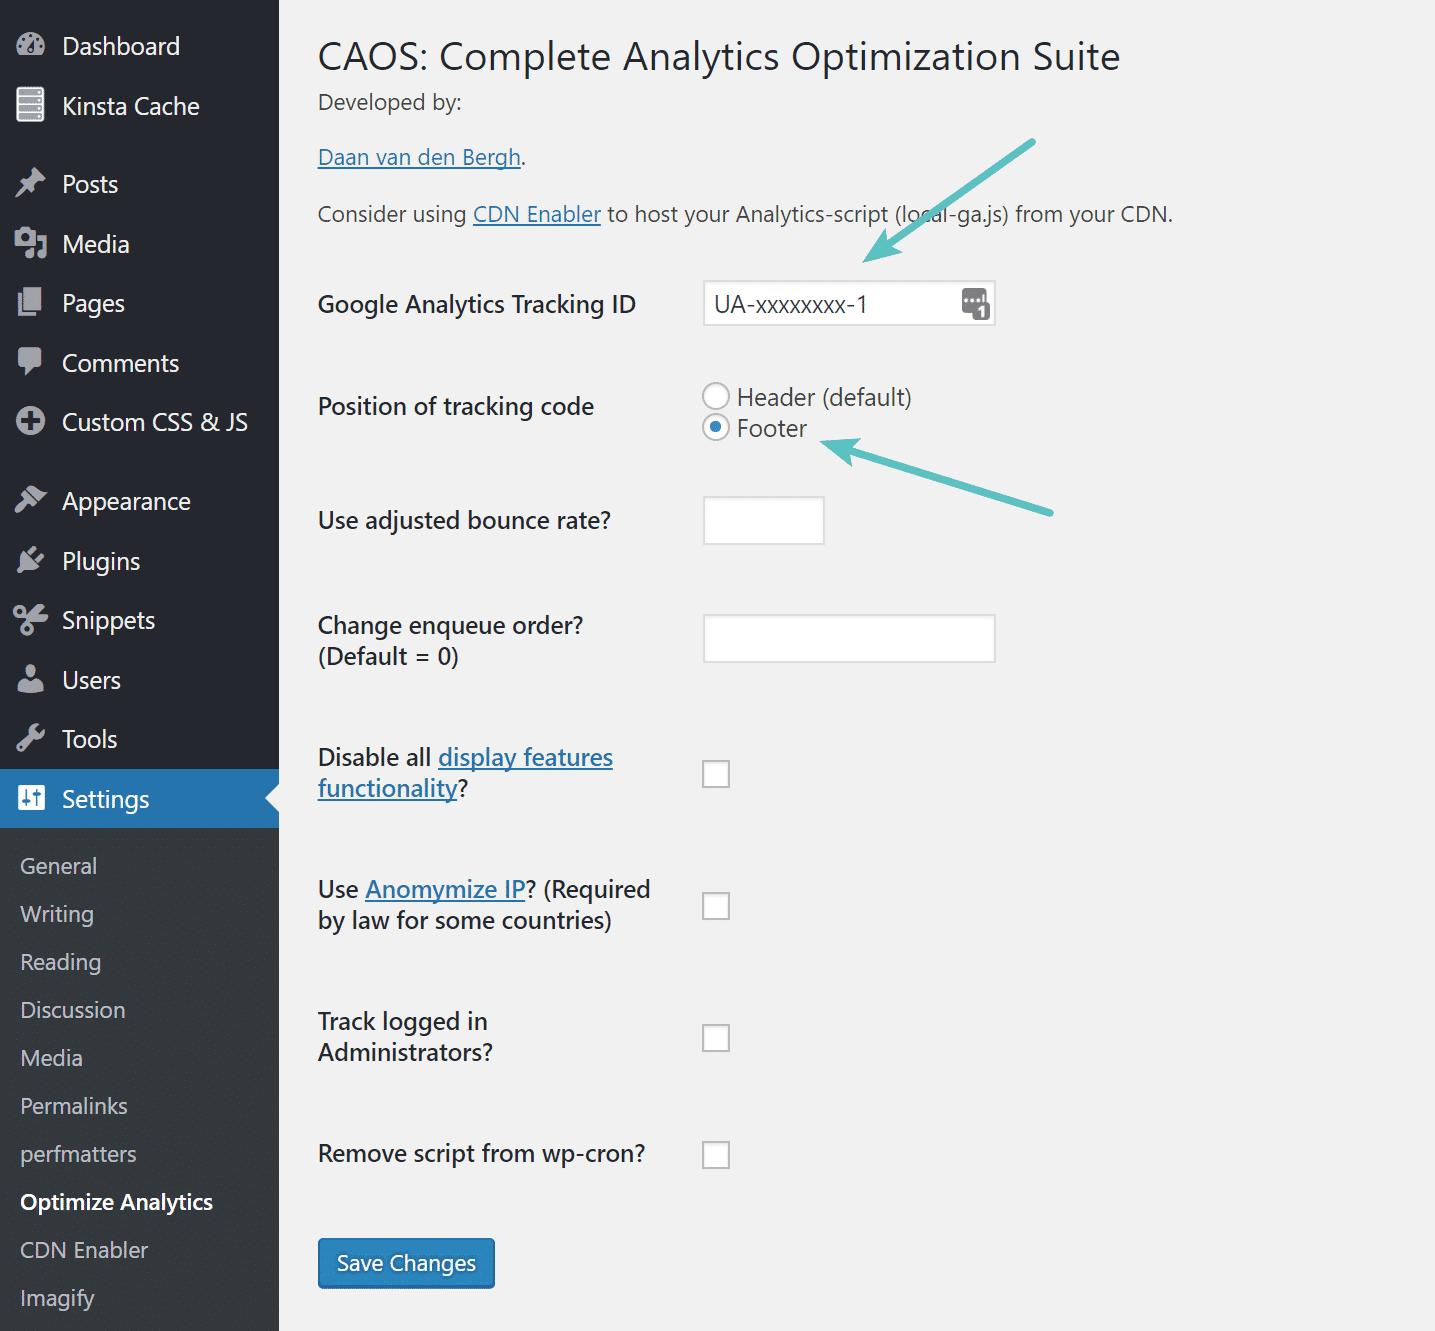 Impostazioni per sincronizzare Google Analytics in locale